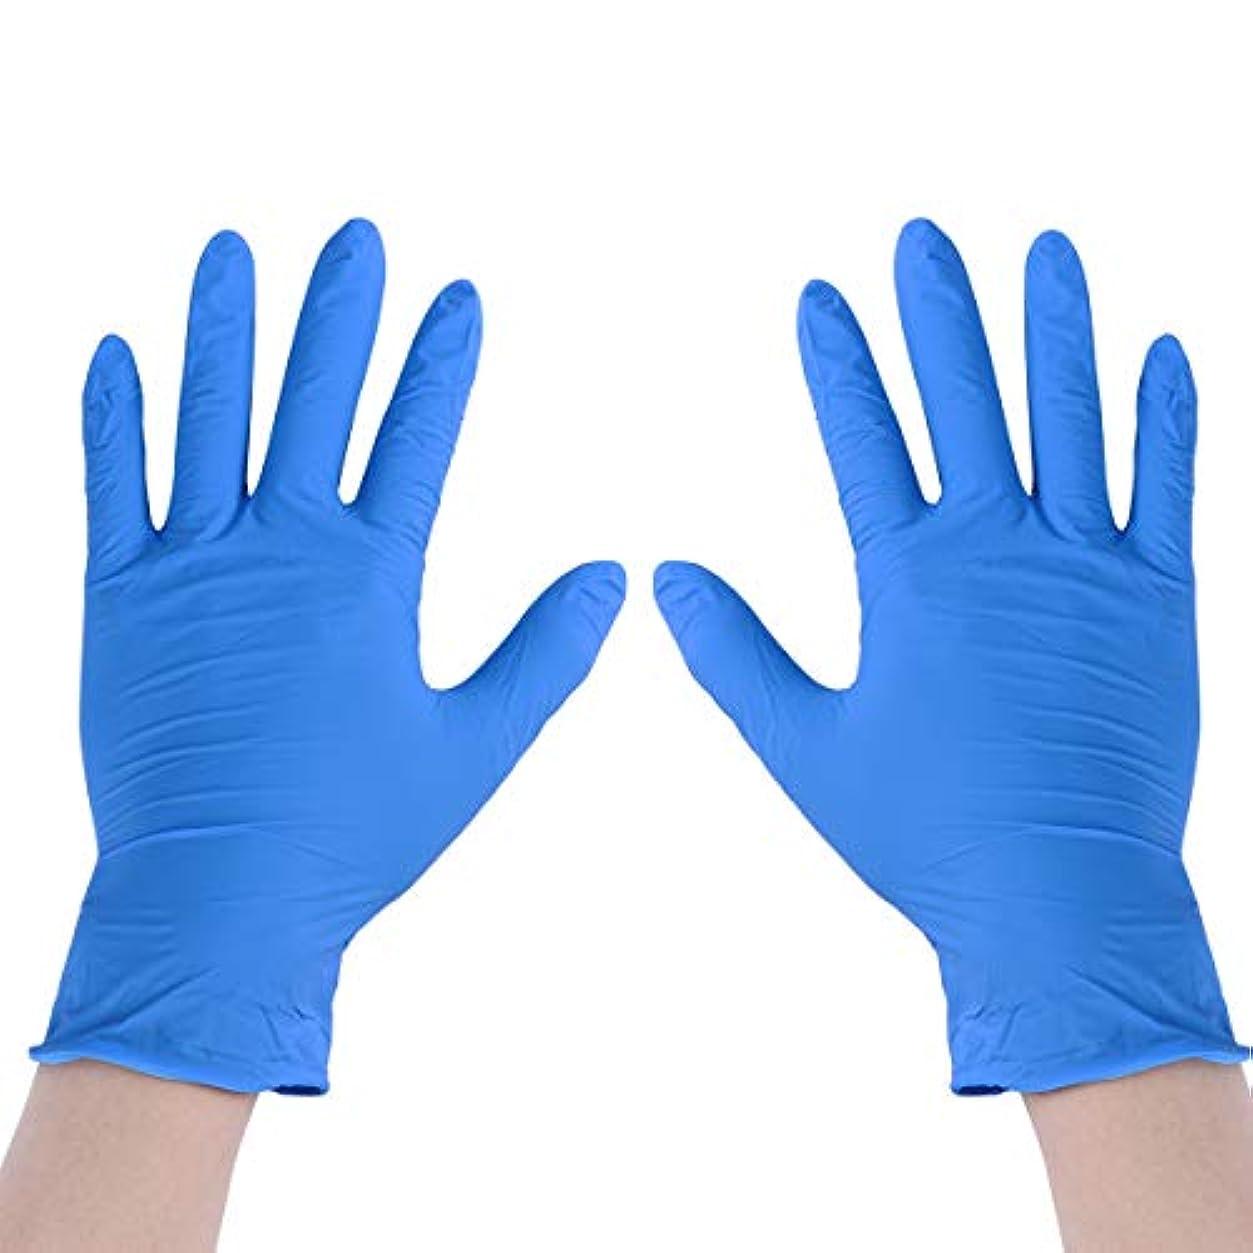 ビスケット発表するまだHealifty 使い捨て手袋多目的ゴム手袋サイズM 100本(青)